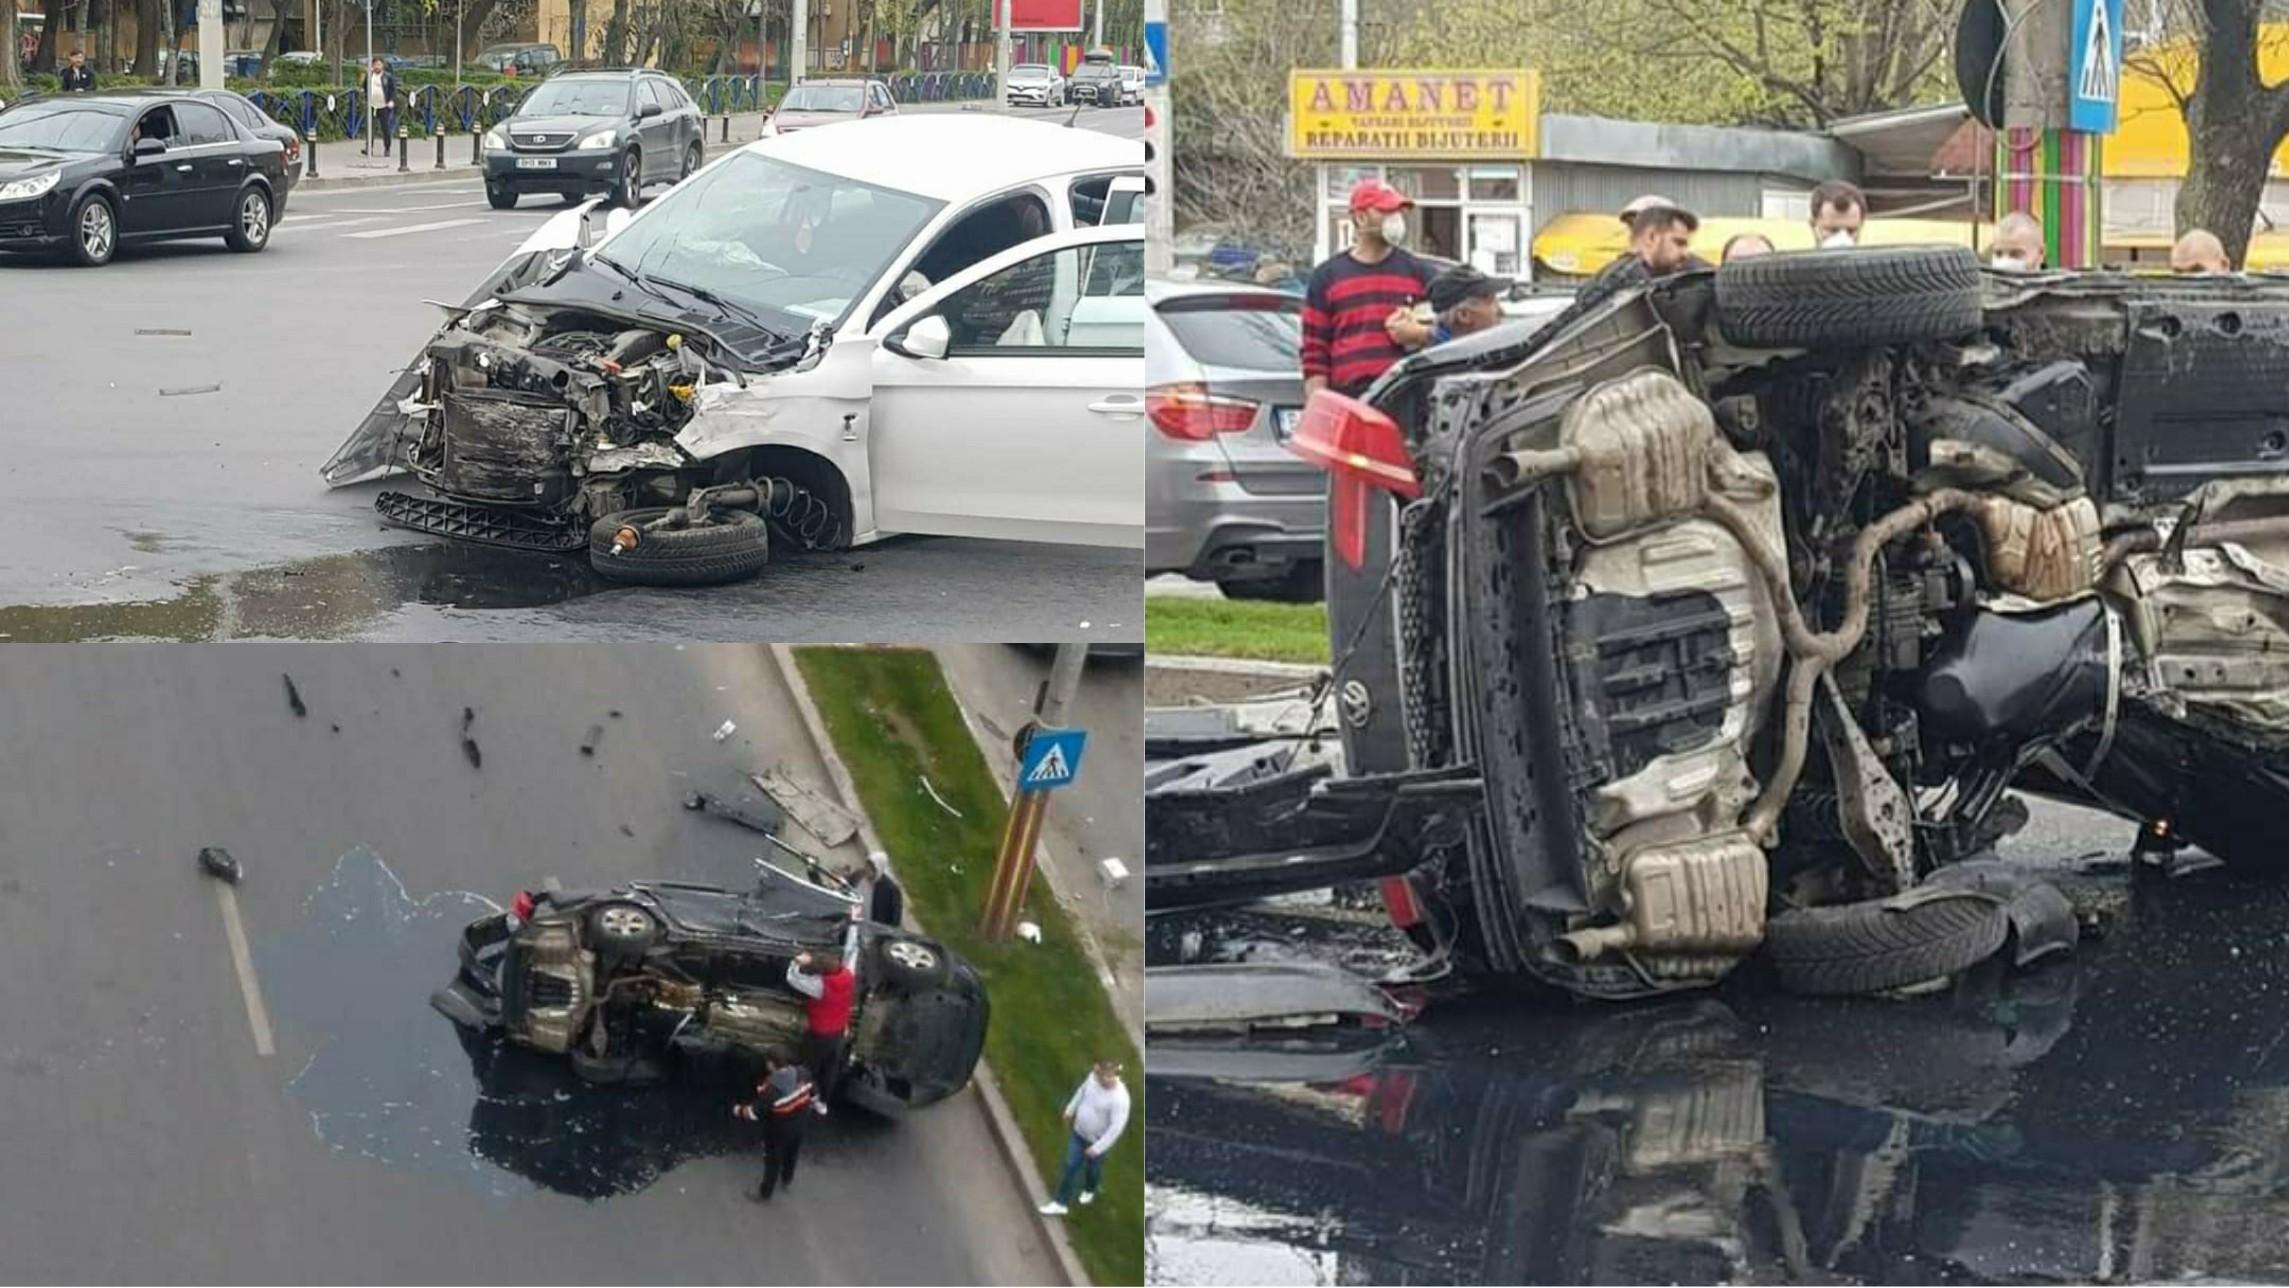 Foto | Accident în Bucureşti: şofer rănit grav după ce a trecut pe roșu a lovit cu maşina alte trei autoturisme și s-a răsturnat